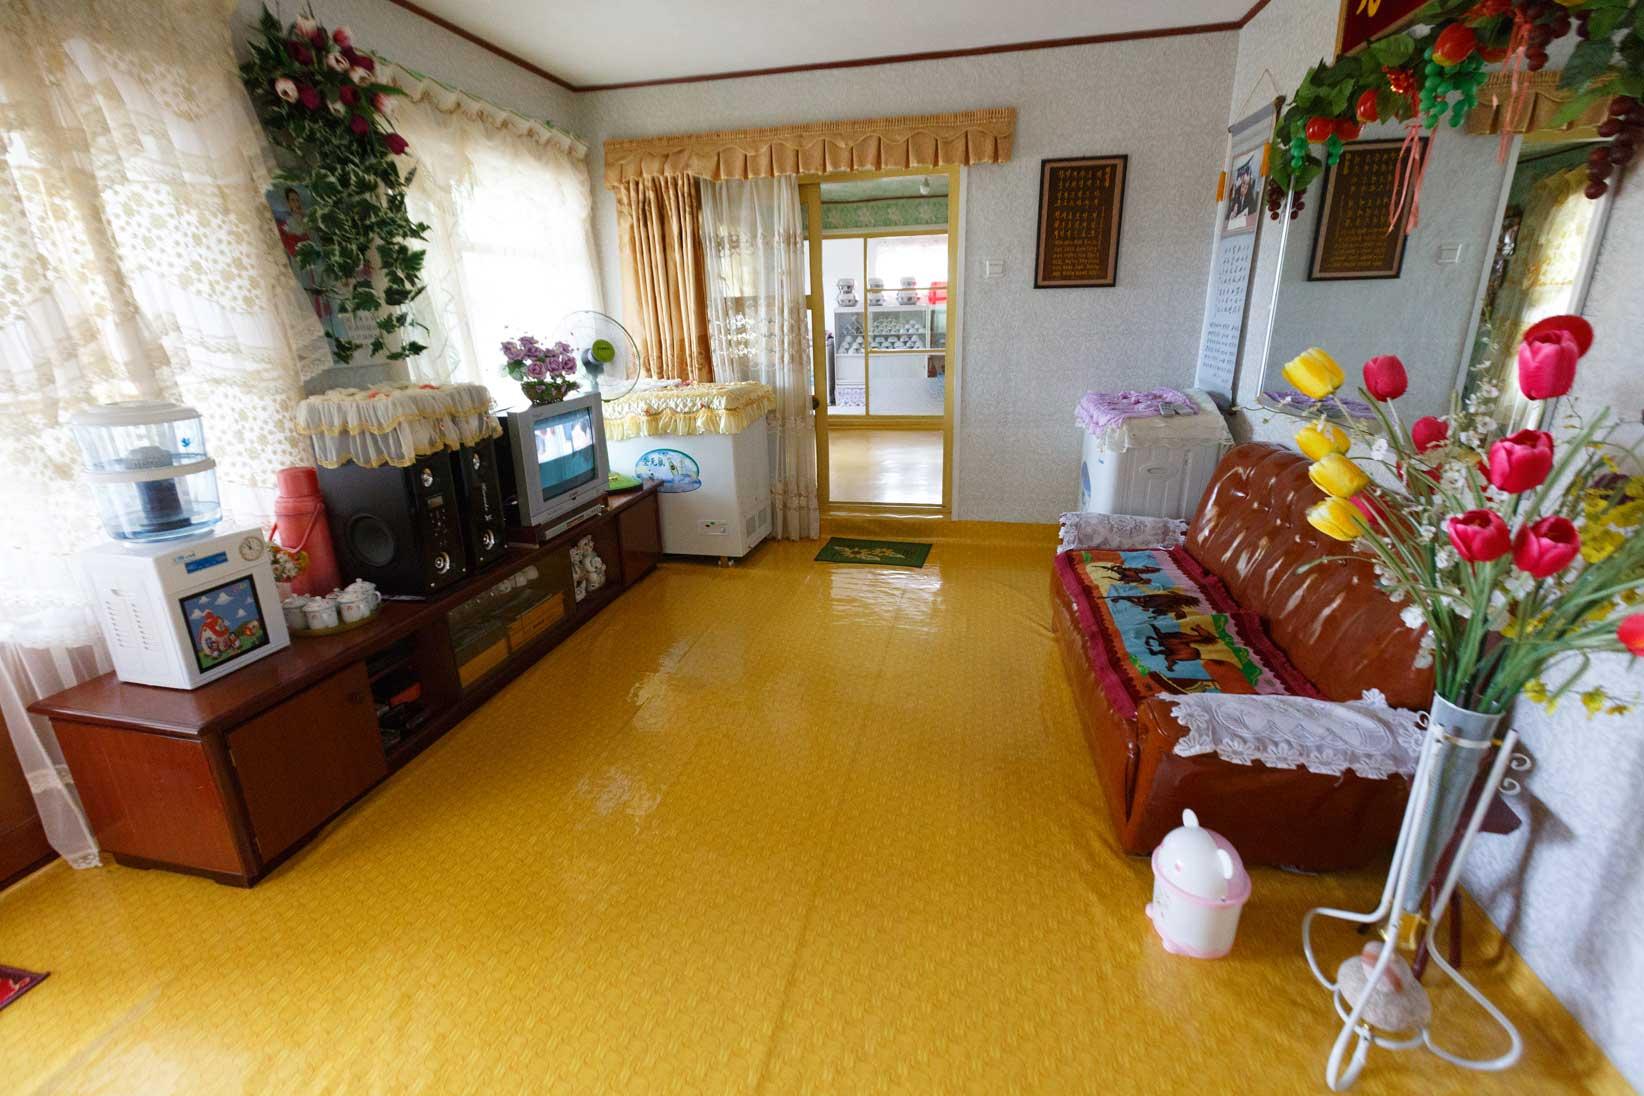 朝鮮でホームステイ その奇妙な世界_b0235153_16314276.jpg